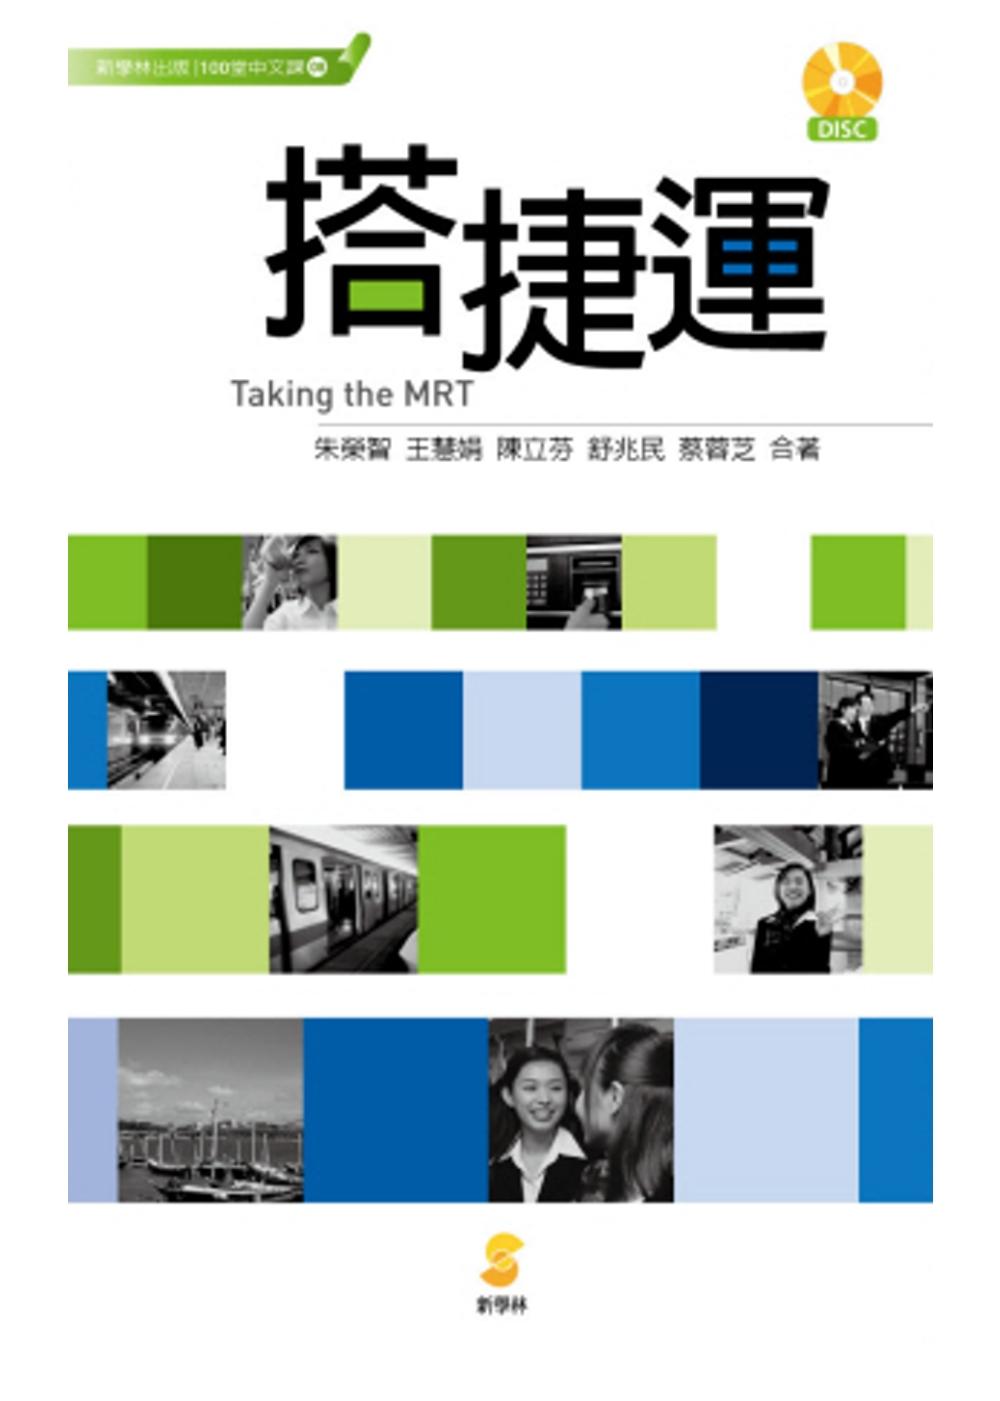 搭捷運:Taking the MRT (附有聲學習光碟)